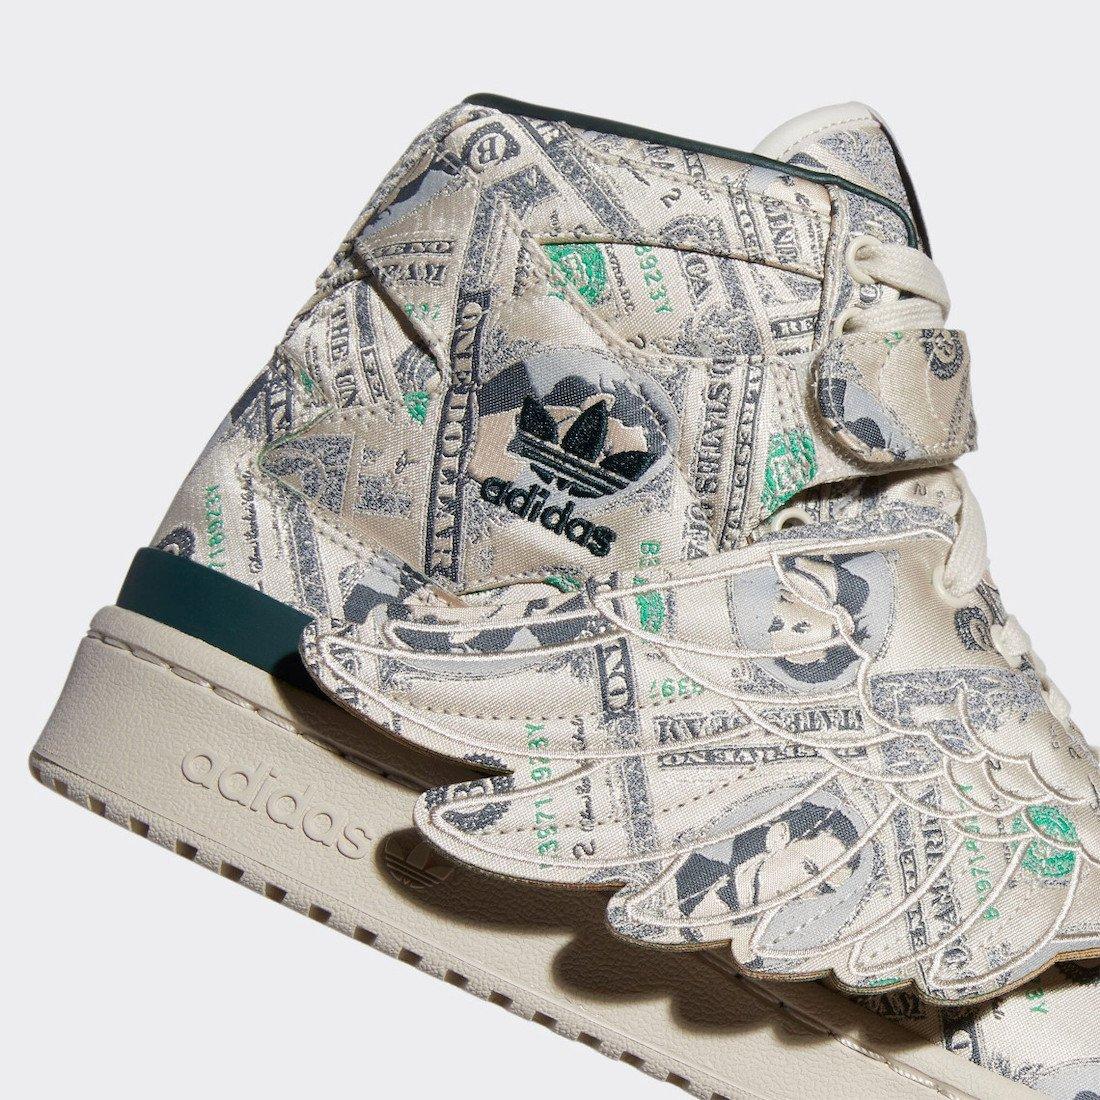 Jeremy Scott adidas Forum Wings 1.0 Money Q46154 Release Date Info